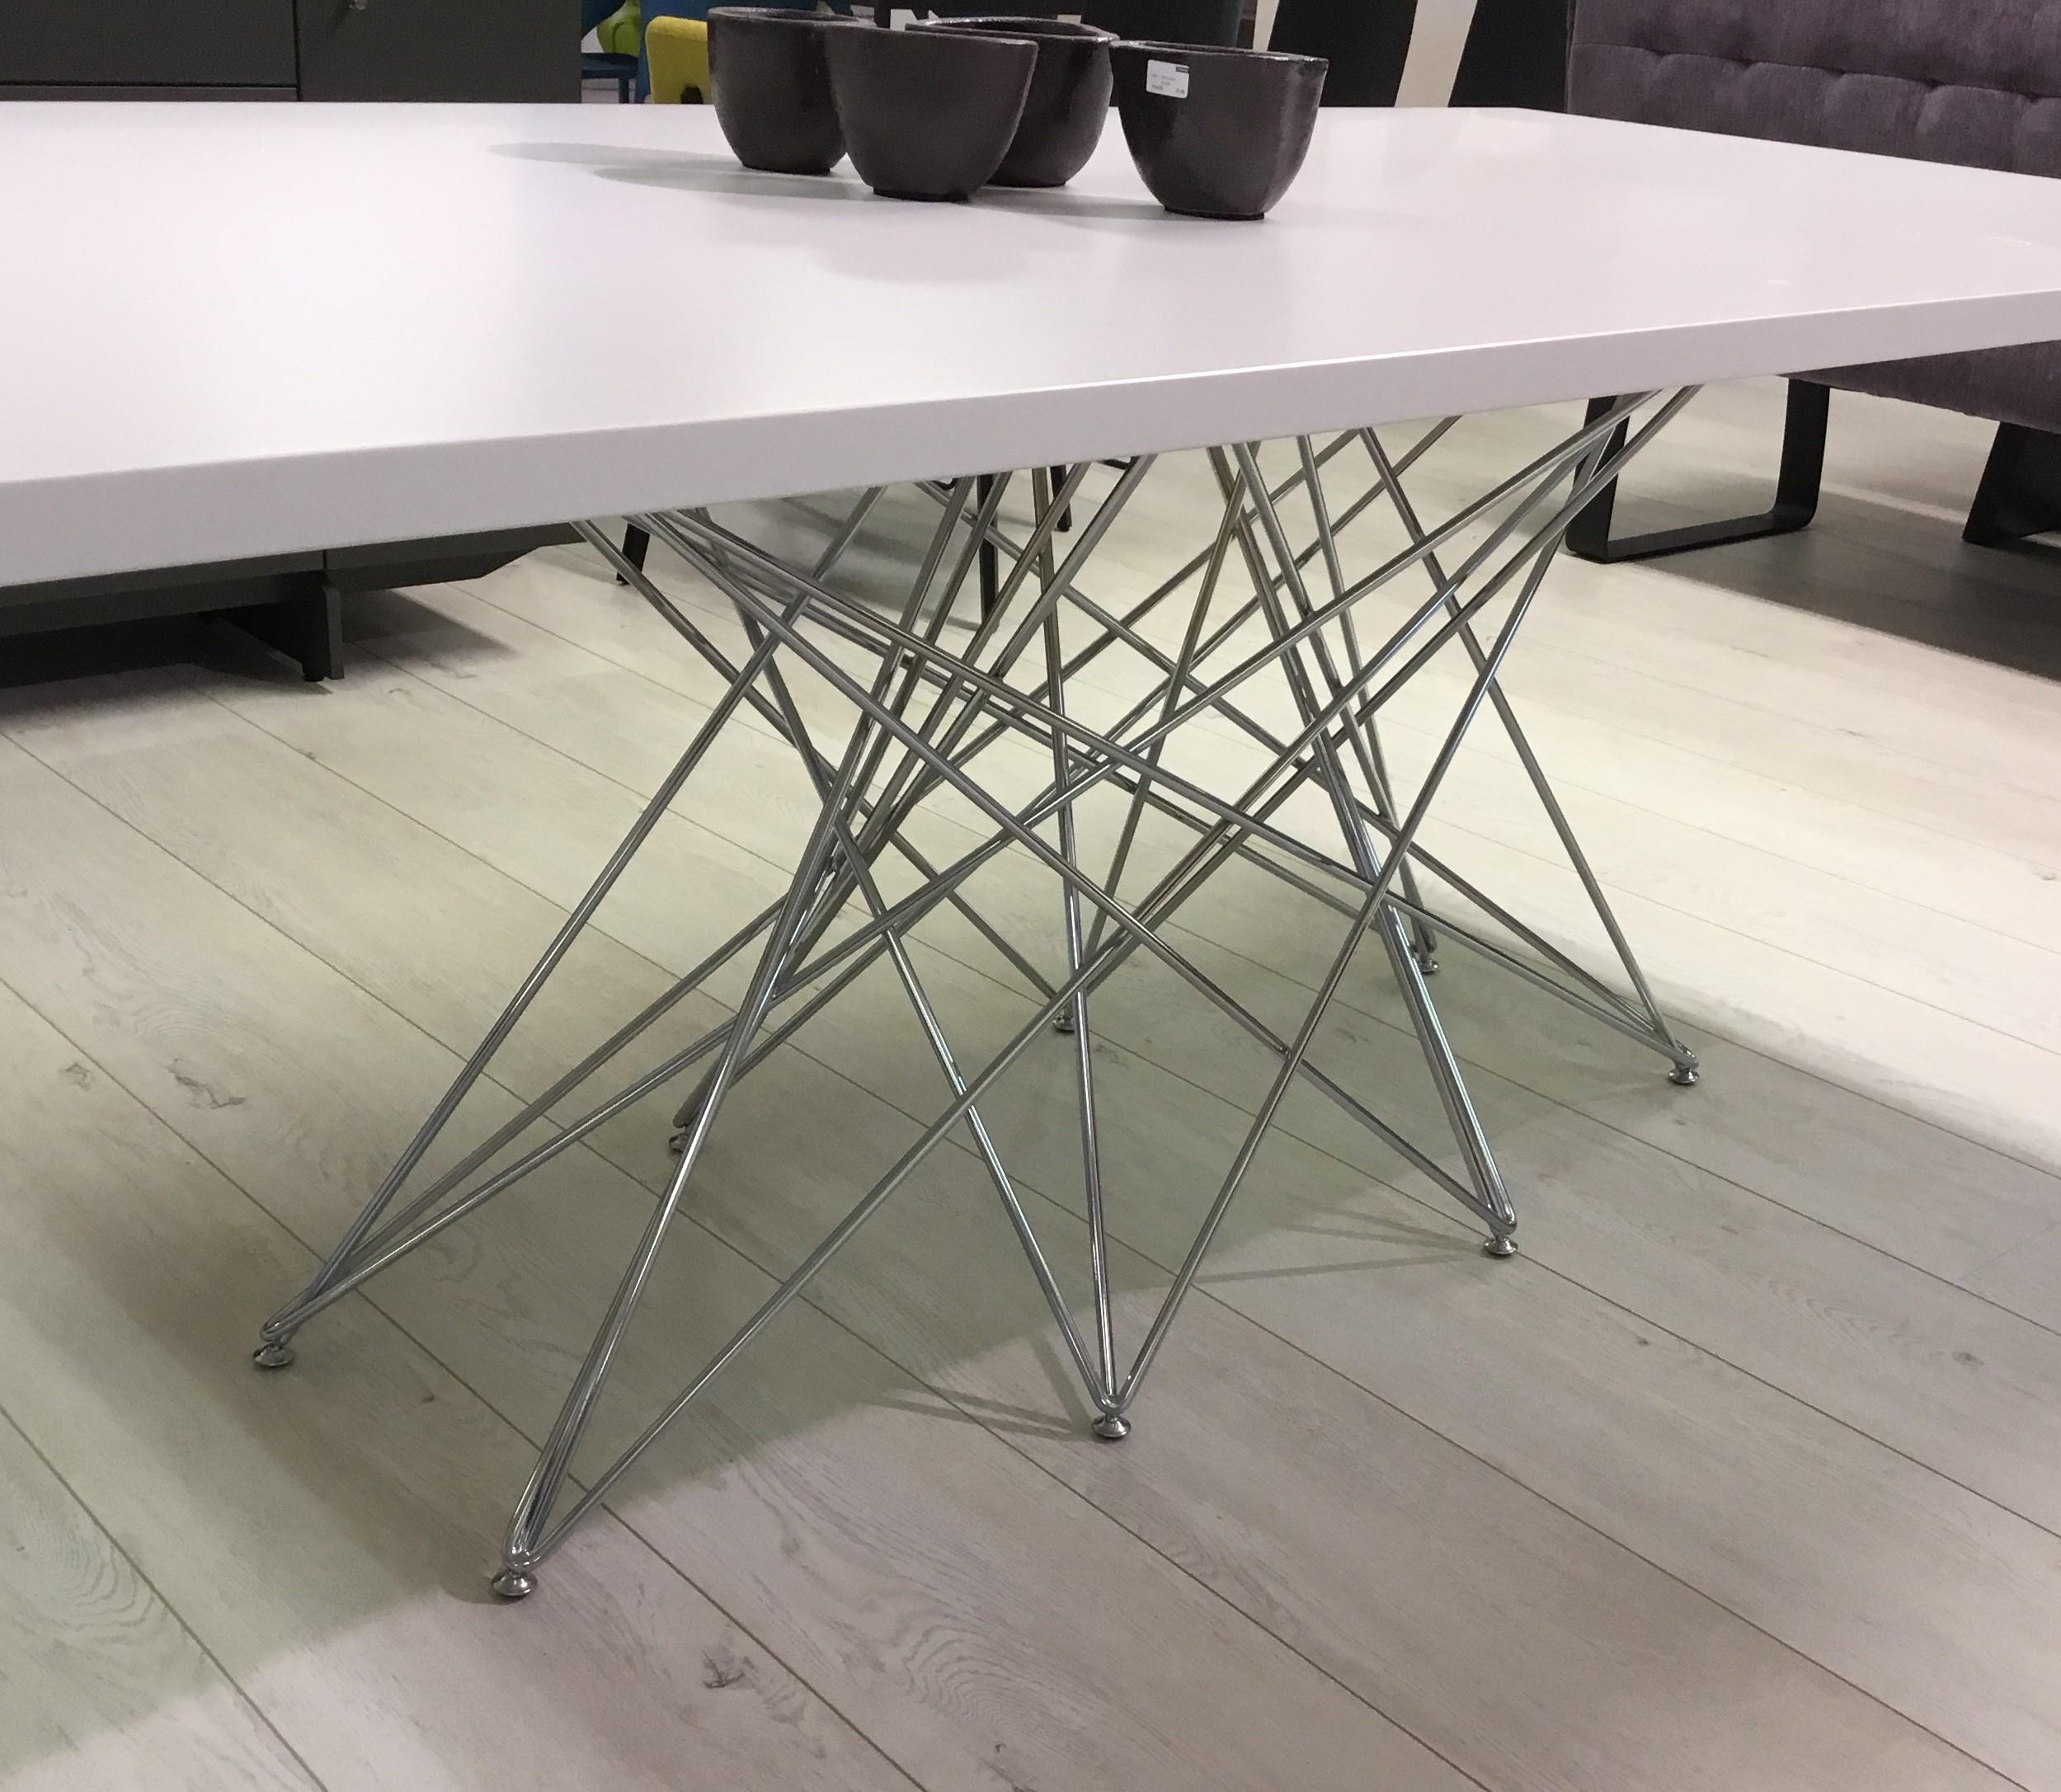 Tisch in Lack/weiss / Bonaldo 03